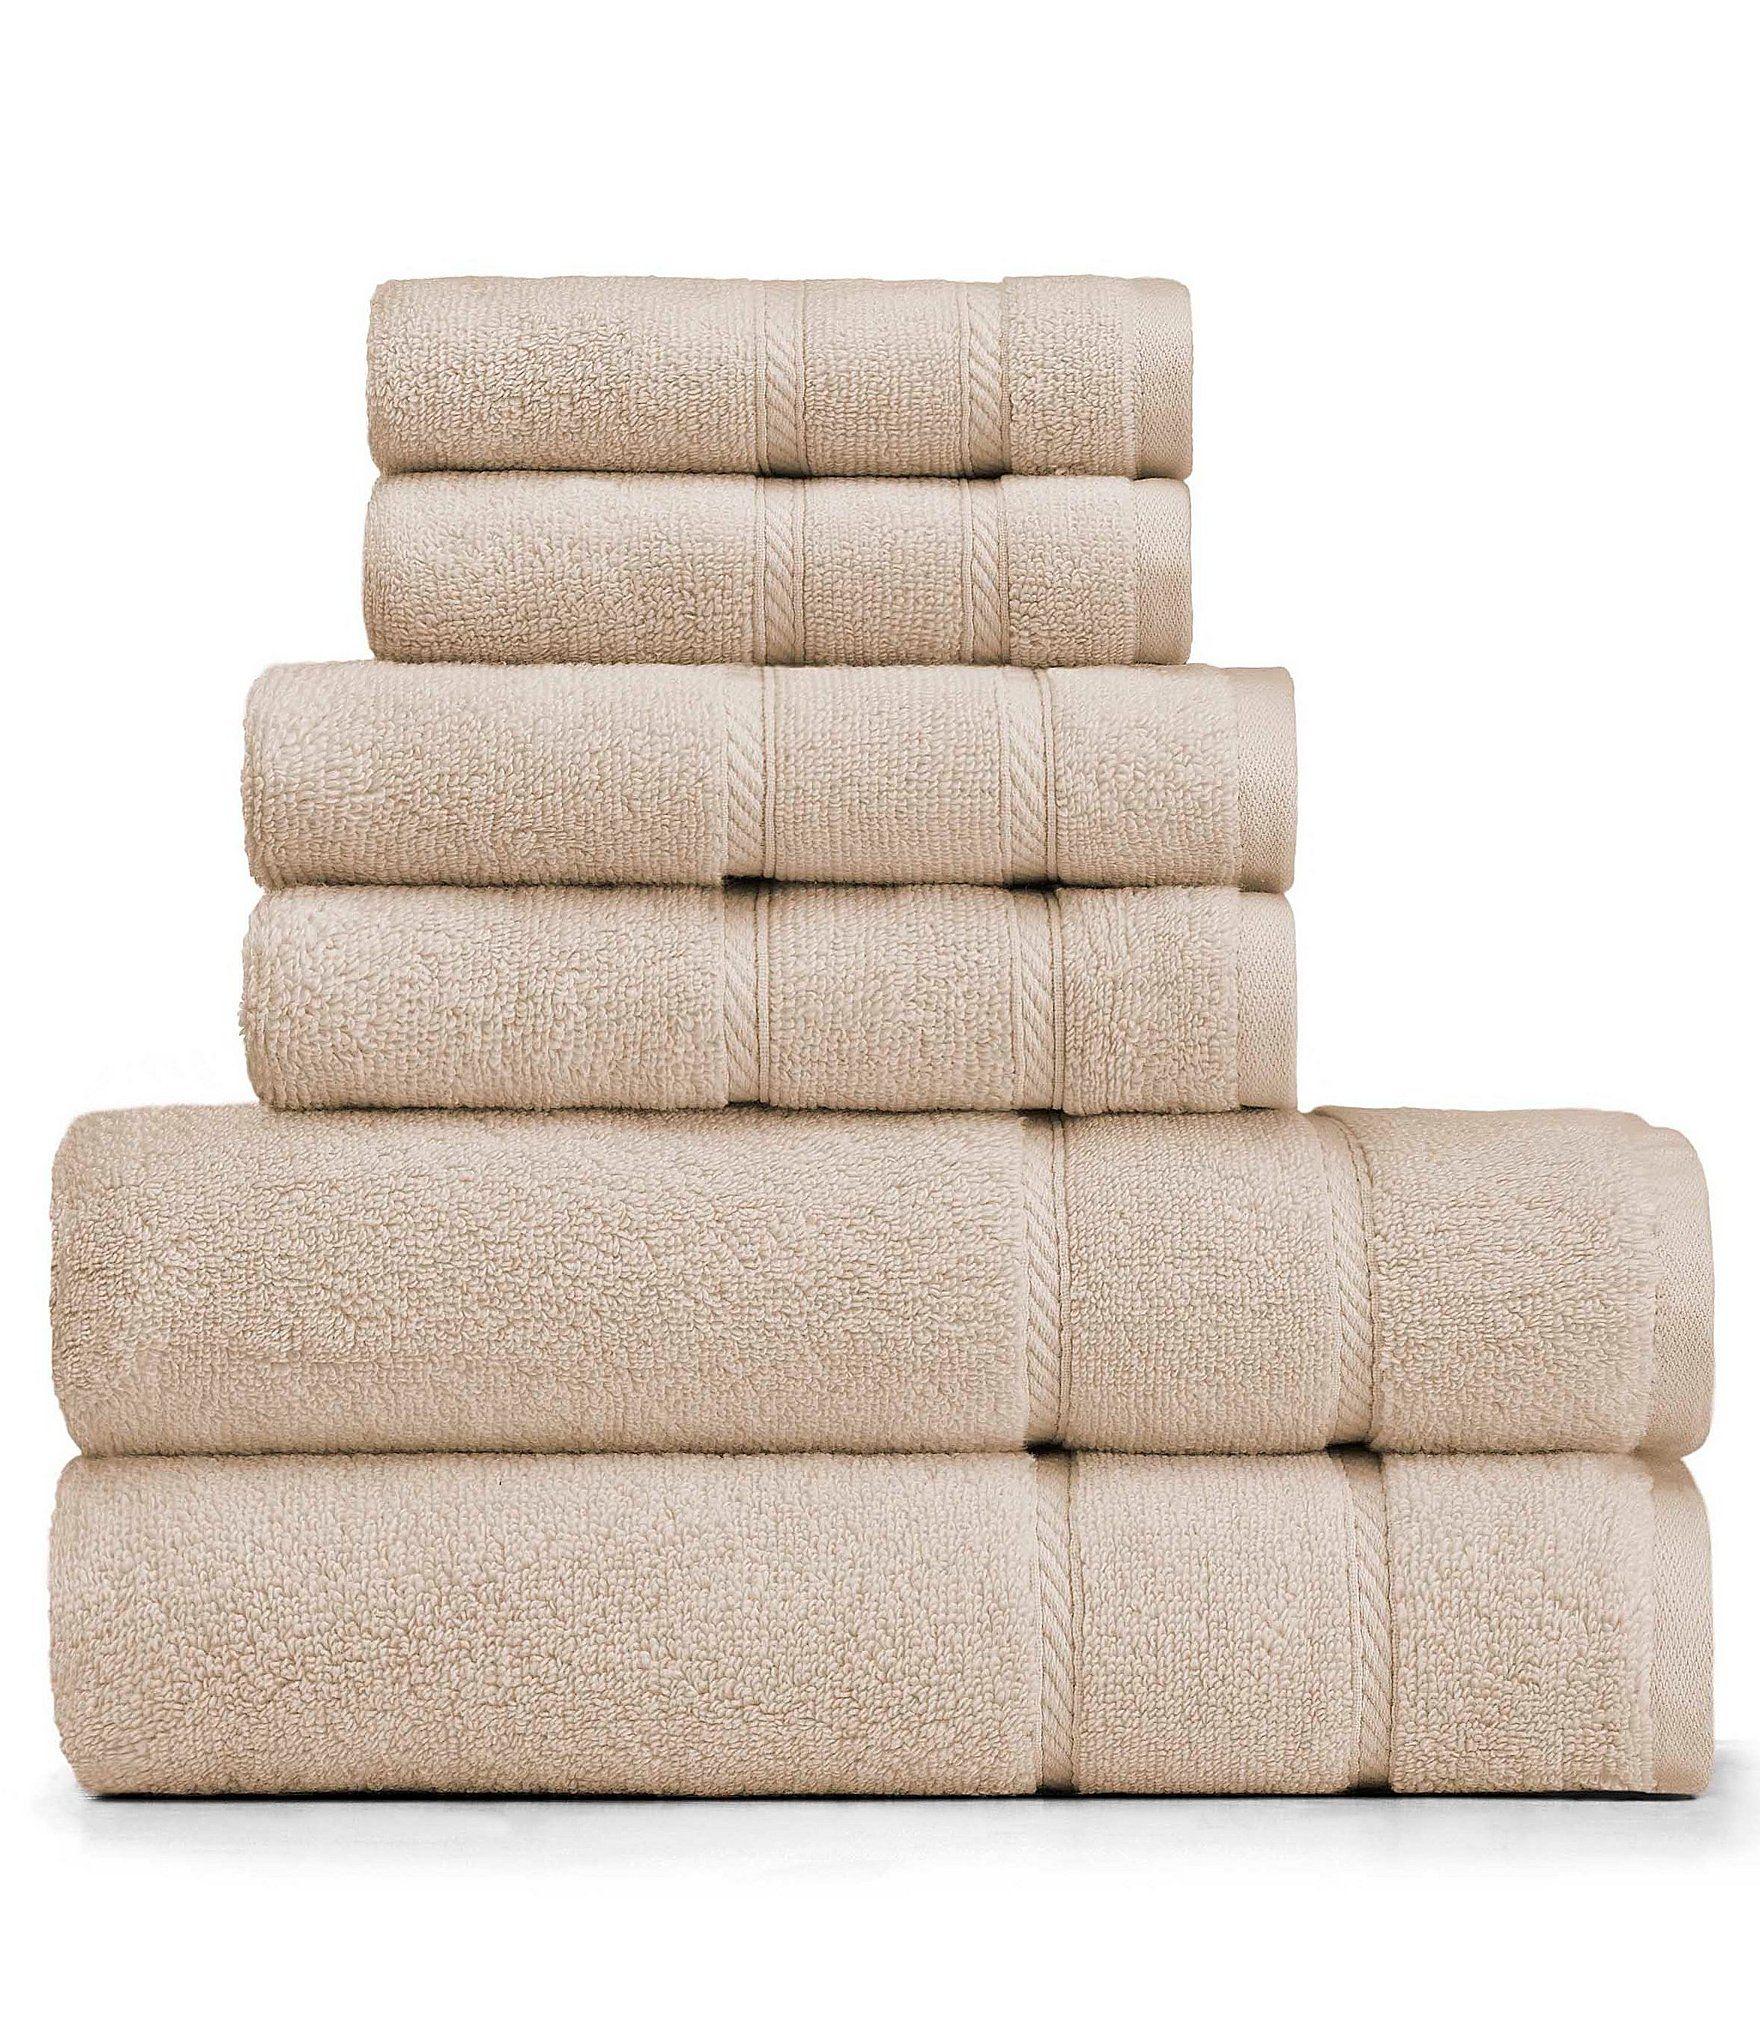 Nautica Belle Haven 6 Piece Bath Towel Set Dillard S Towel Set Bath Towel Sets Bath Towels [ 2040 x 1760 Pixel ]